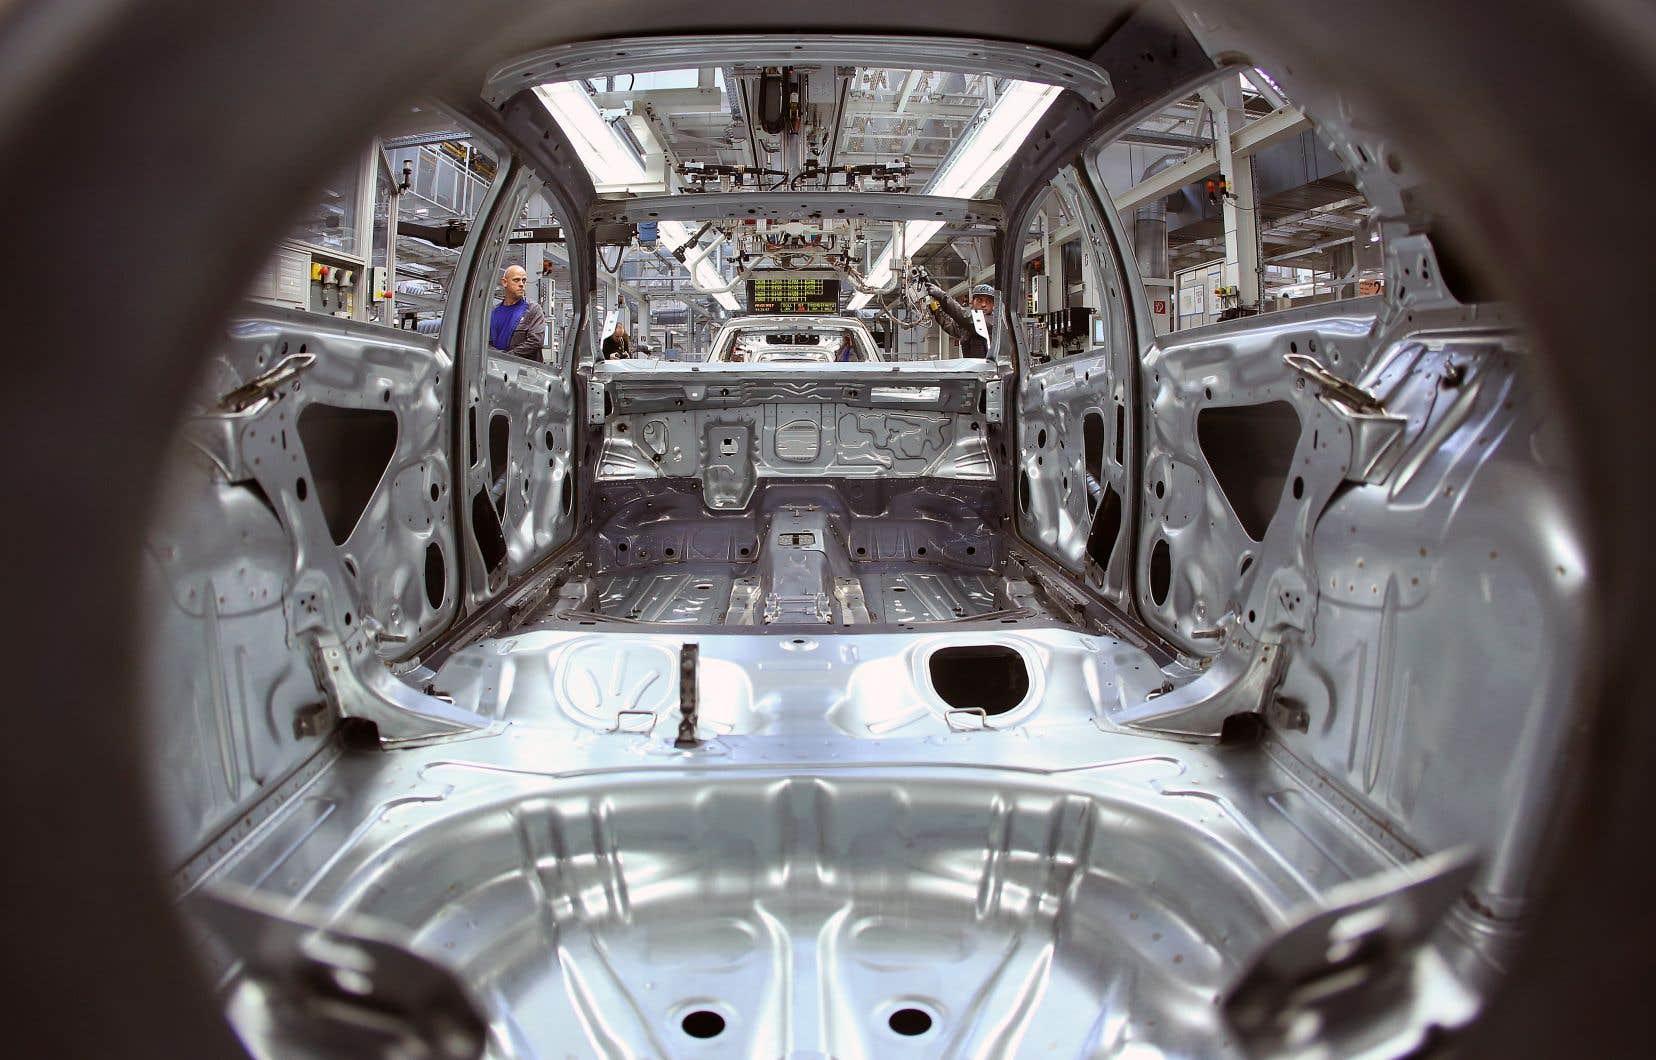 Des employés de Volkswagen travaillent à l'assemblage d'une voiture à l'usine de Wolfsburg, dans le nord de l'Allemagne.